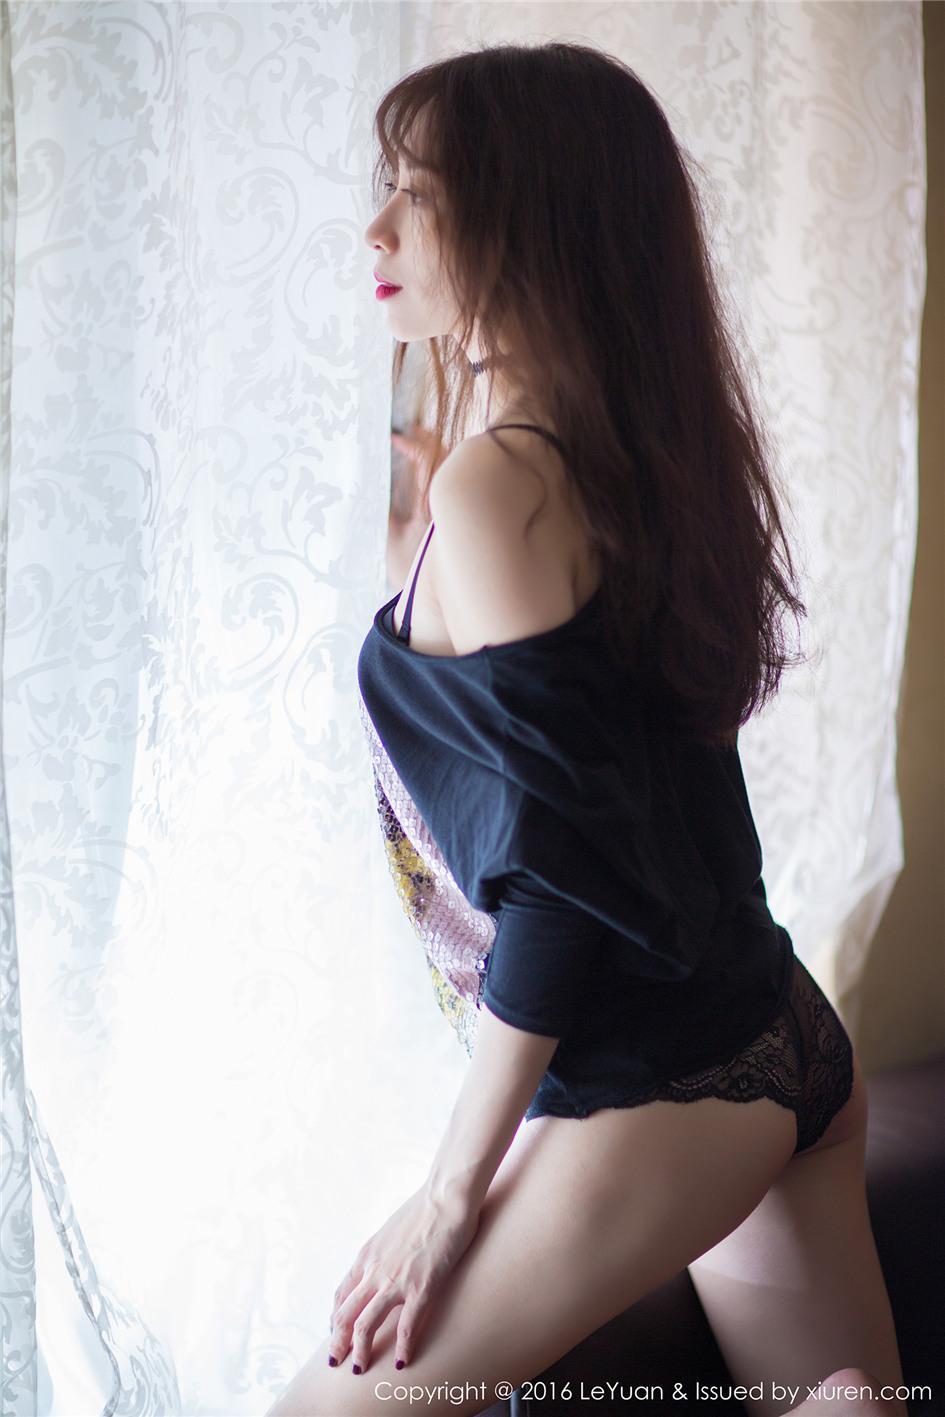 【星乐园】【楚琪kiki】 街拍长腿美女楚琪kiki小清新连体衣写真照 VOL.006【25P】 写真集